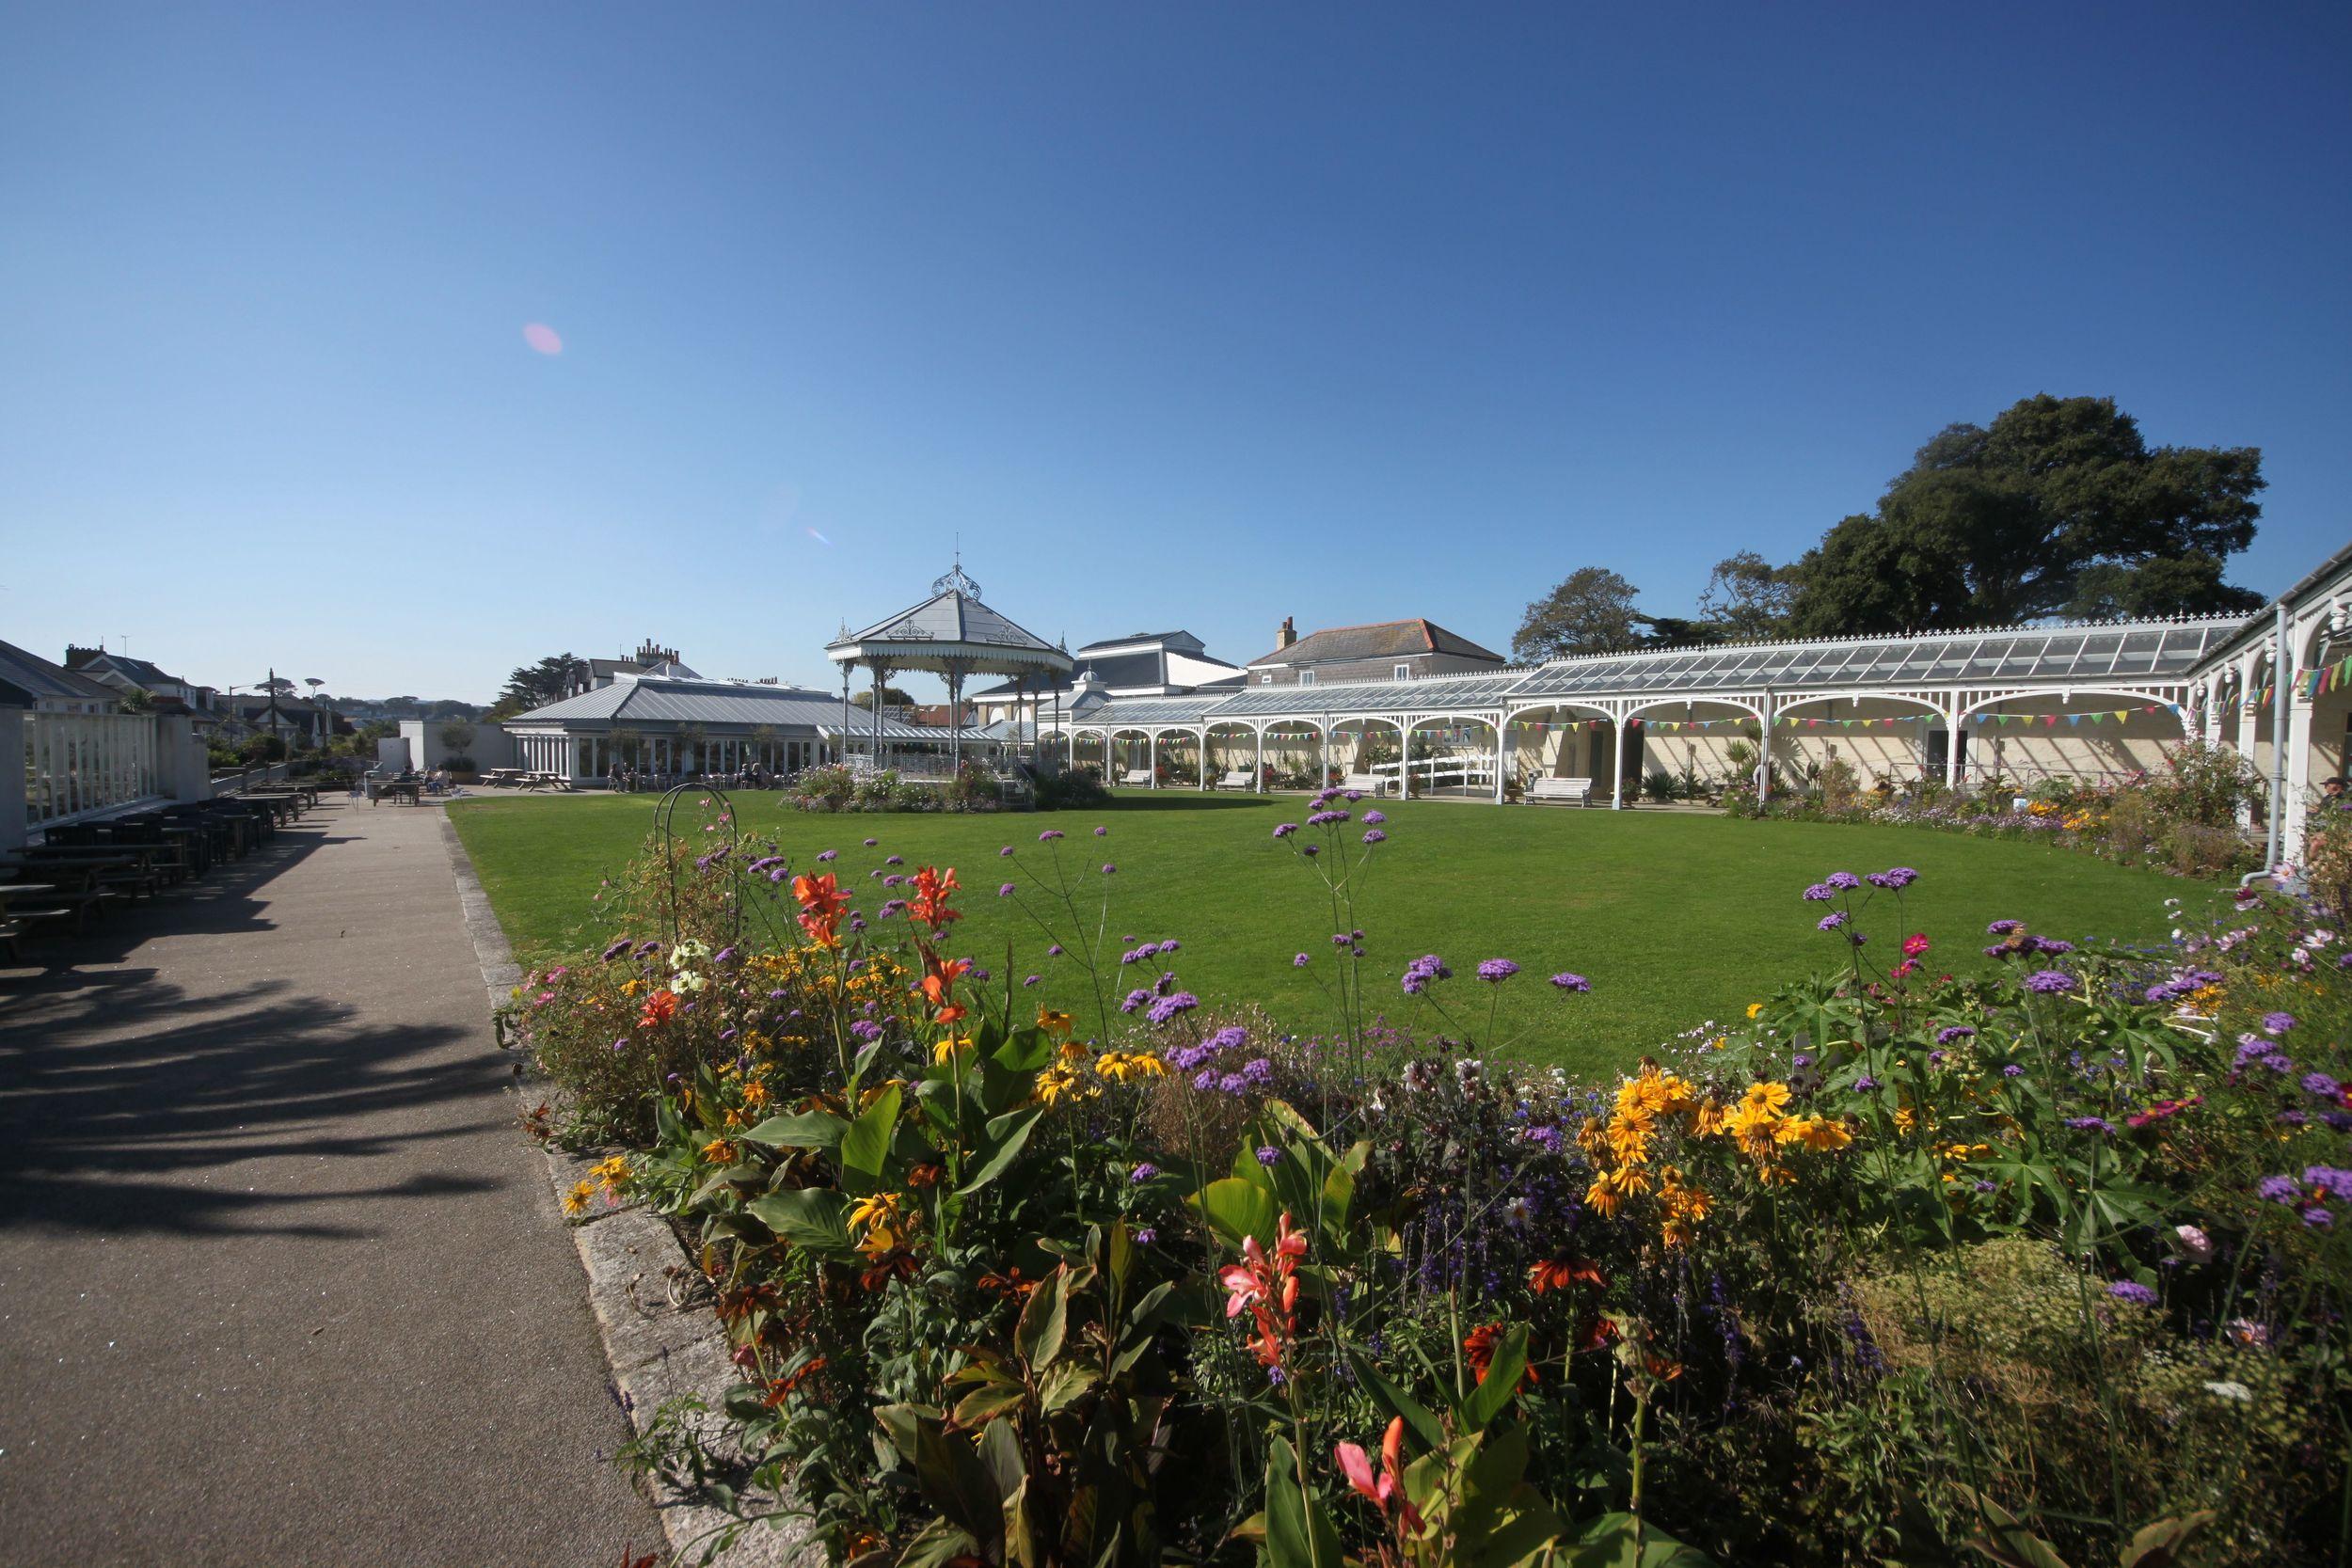 gyllyngdune gardens